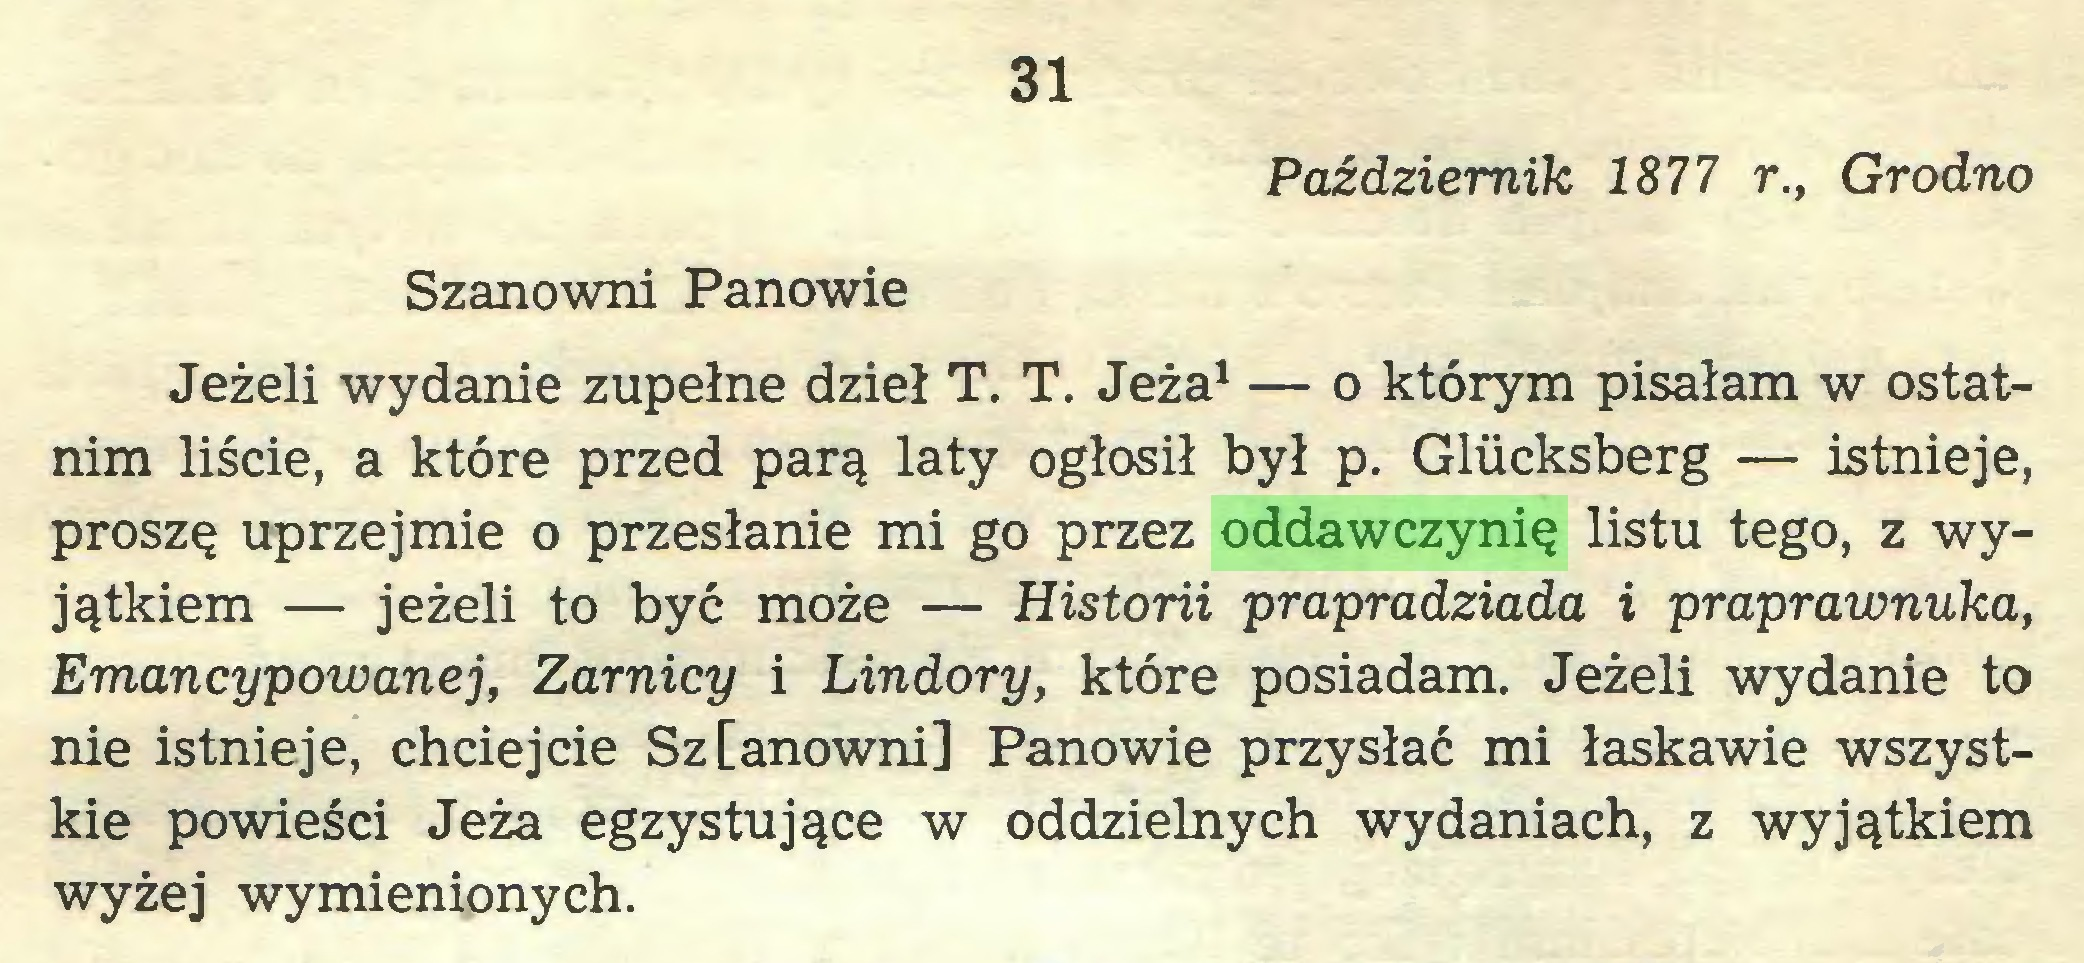 (...) 31 Październik 1877 r., Grodno Szanowni Panowie Jeżeli wydanie zupełne dzieł T. T. Jeża1 — o którym pisałam w ostatnim liście, a które przed parą laty ogłosił był p. Gliicksberg — istnieje, proszę uprzejmie o przesłanie mi go przez oddawczynię listu tego, z wyjątkiem — jeżeli to być może — Historii prapradziada i praprawnuka, Emancypowanej, Zamicy i Lindory, które posiadam. Jeżeli wydanie to nie istnieje, chciejcie Sz[anowni] Panowie przysłać mi łaskawie wszystkie powieści Jeża egzystujące w oddzielnych wydaniach, z wyjątkiem wyżej wymienionych...